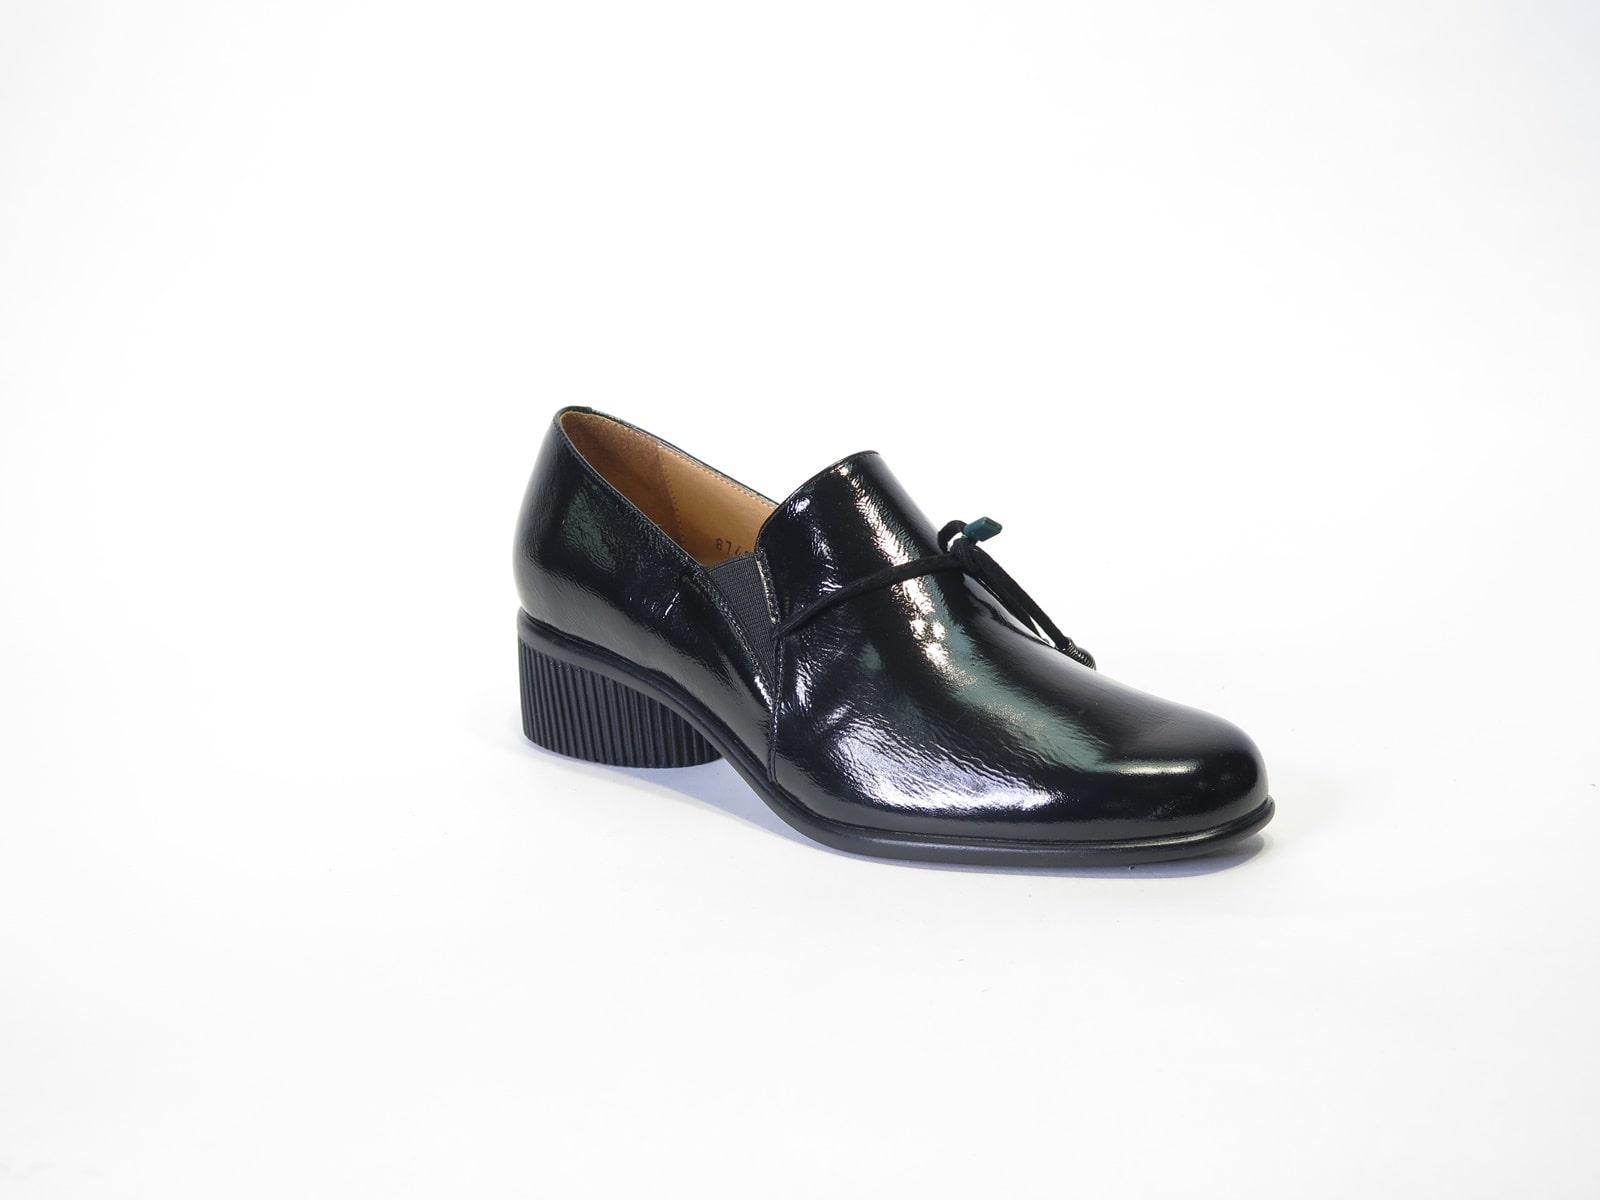 efef28a2b Демисезонные туфли женские ROMER | Дом Обуви